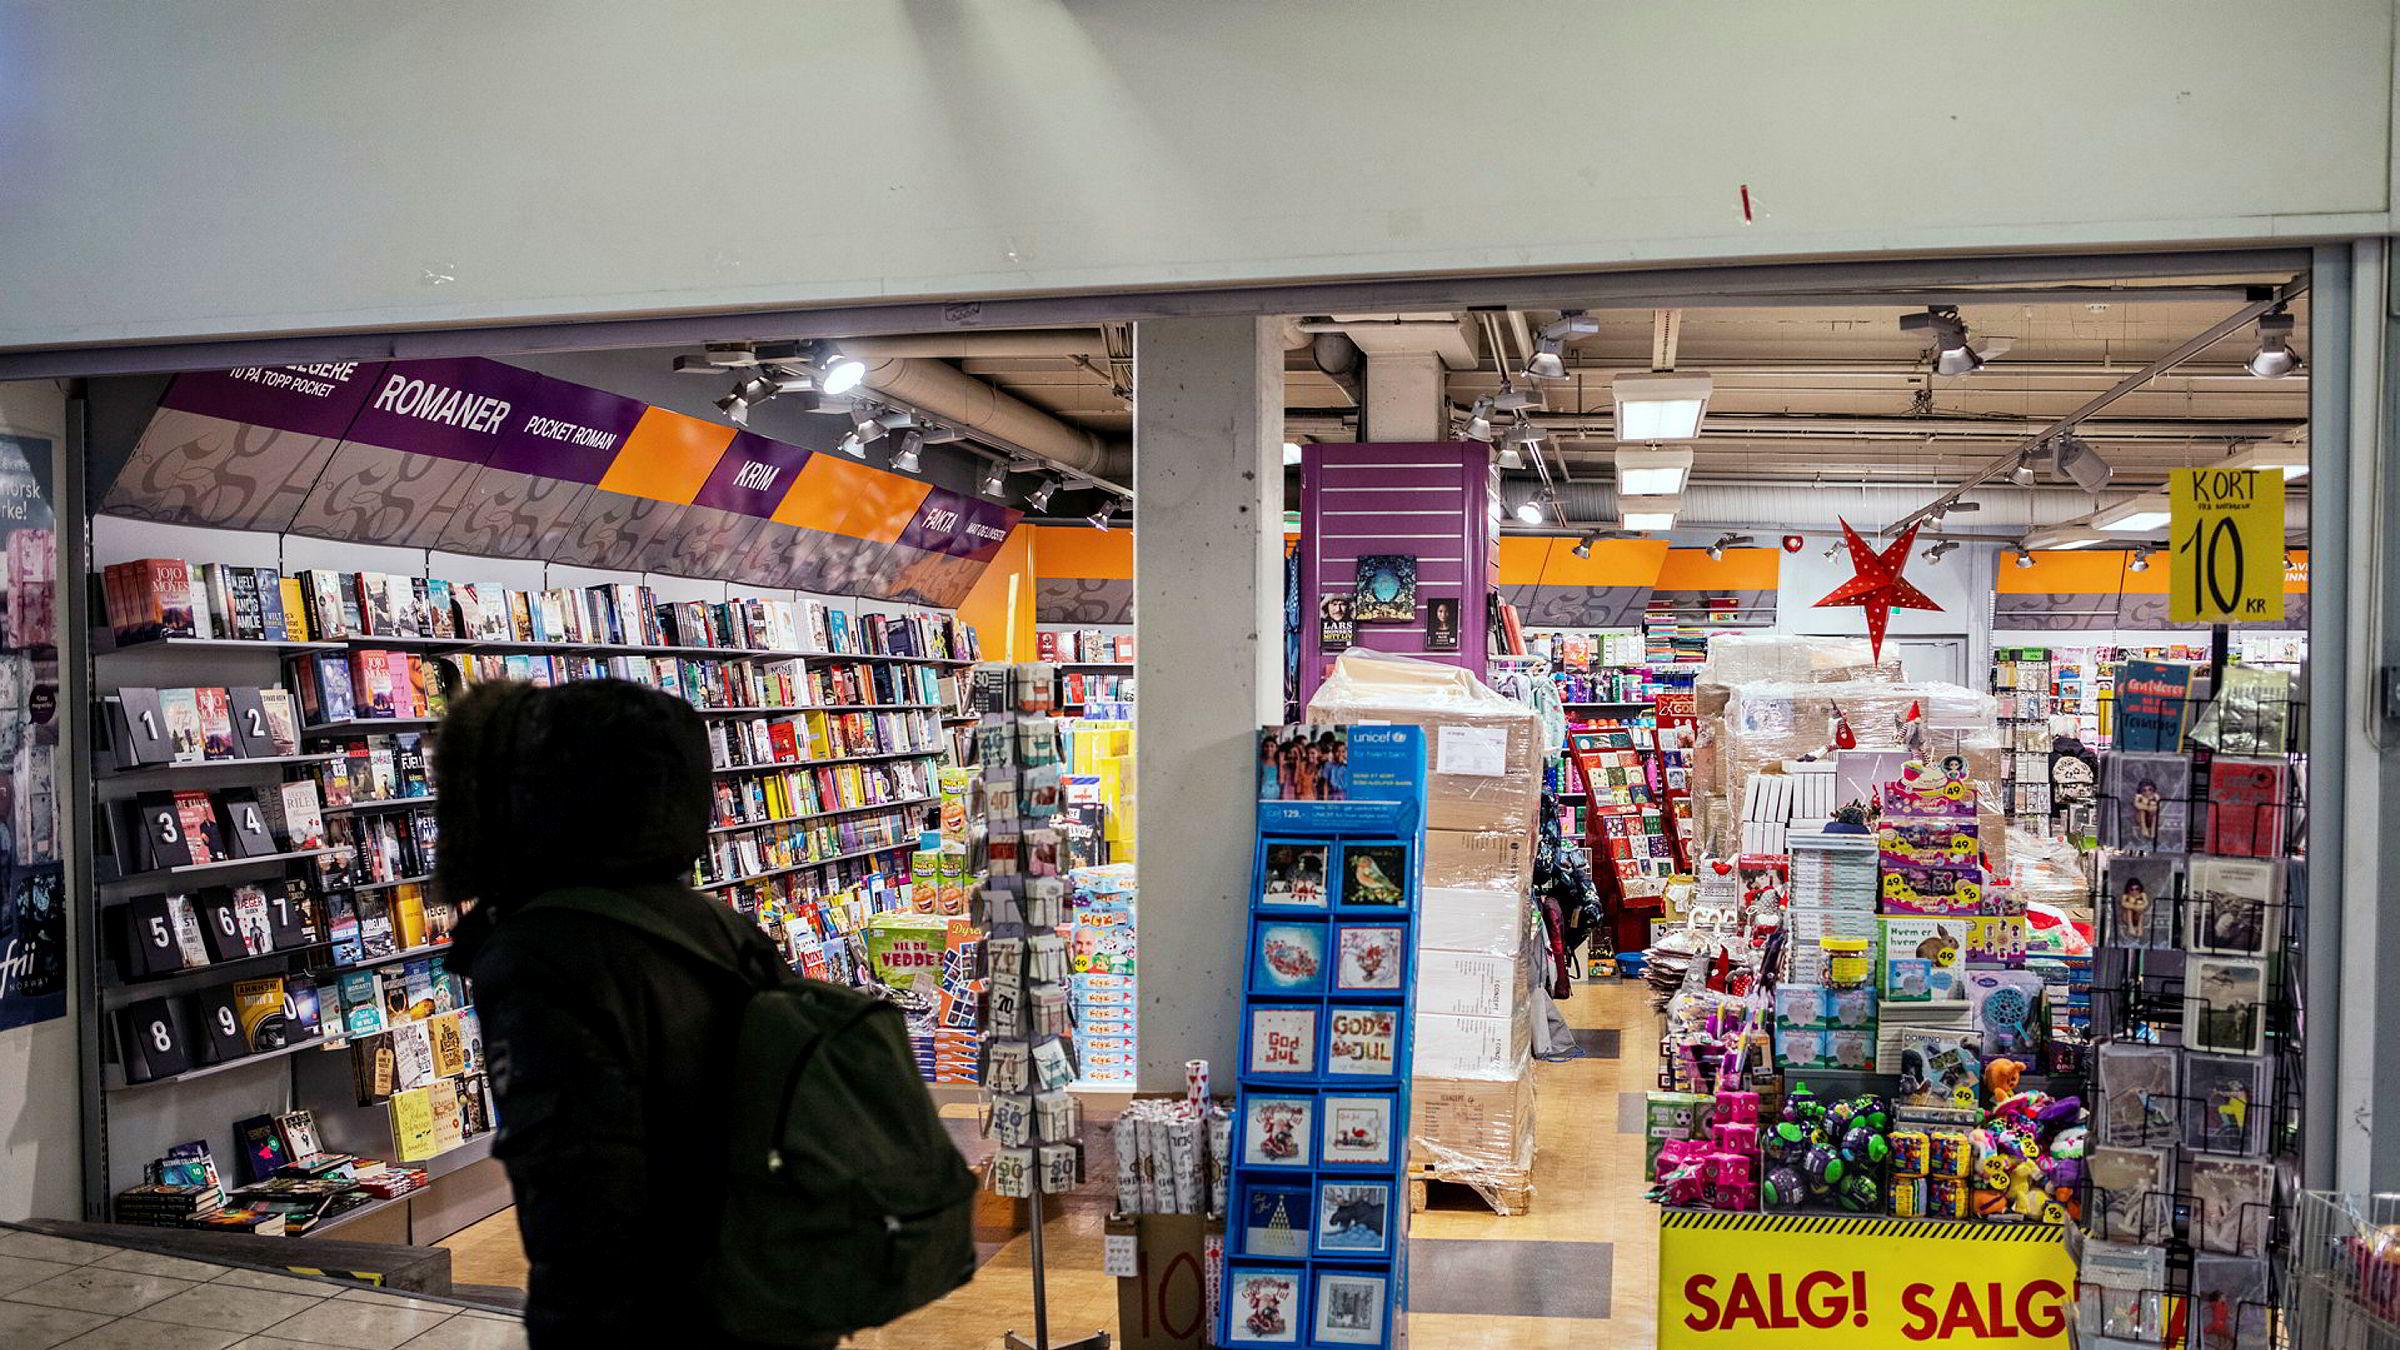 Notabene gikk konkurs tirsdag, men butikken på Gunerius holdt oppe til de fikk annen beskjed.